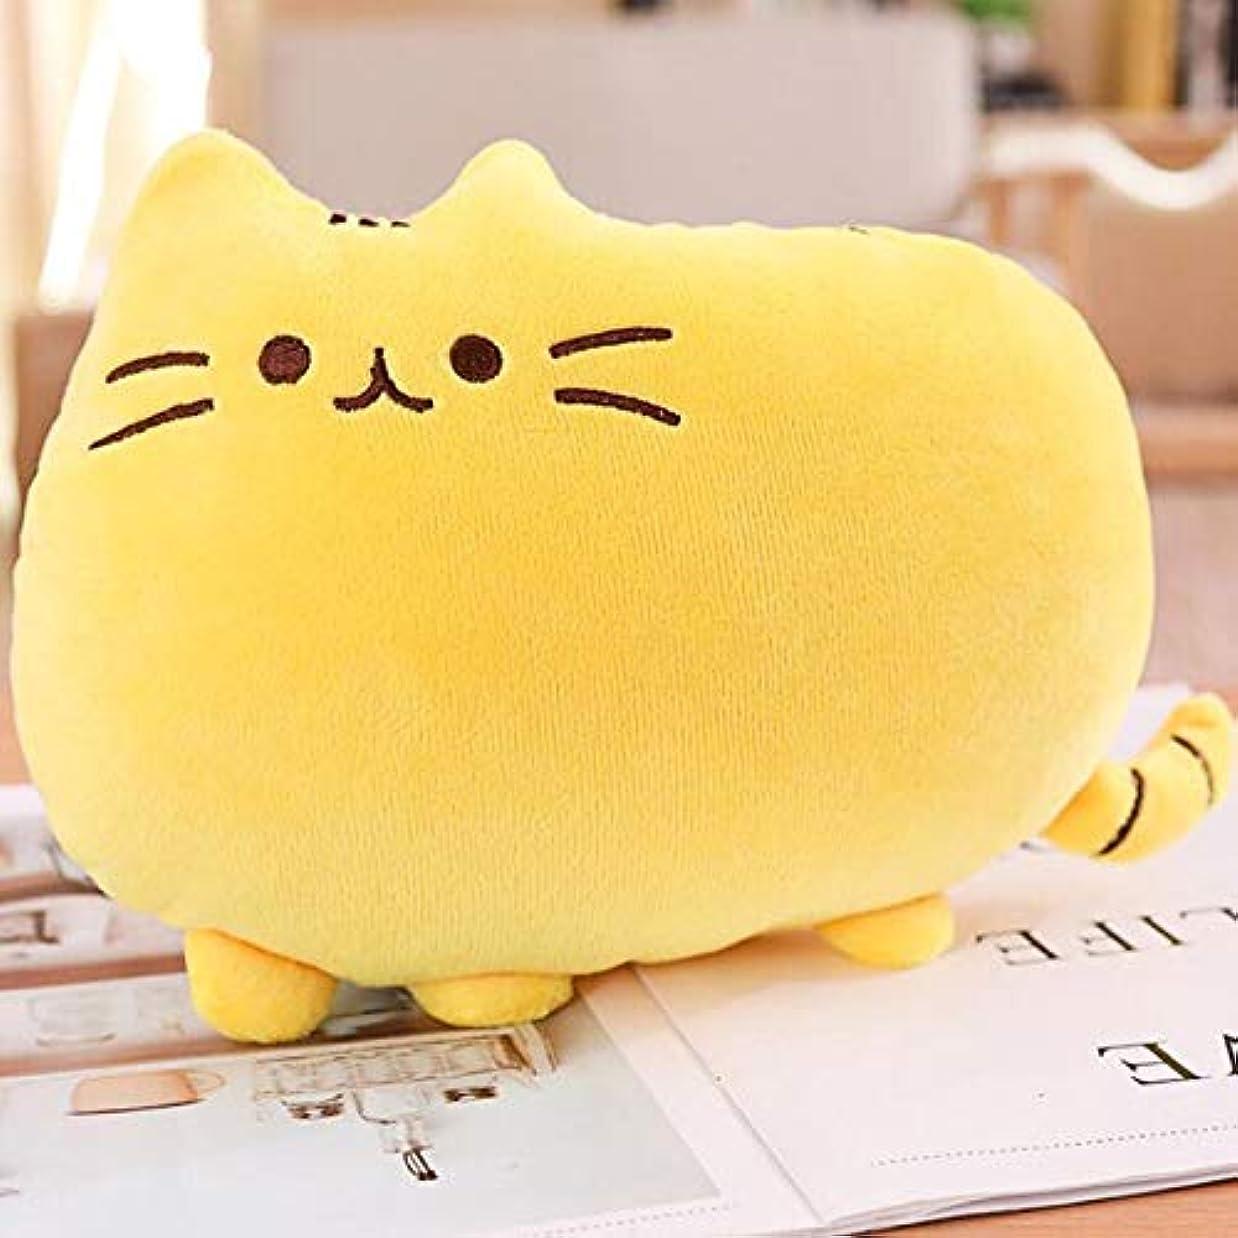 治世法医学インディカLIFE8 色かわいい脂肪猫ベビーぬいぐるみ 20/40 センチメートル枕人形子供のための高品質ソフトクッション綿 Brinquedos 子供のためのギフトクッション 椅子